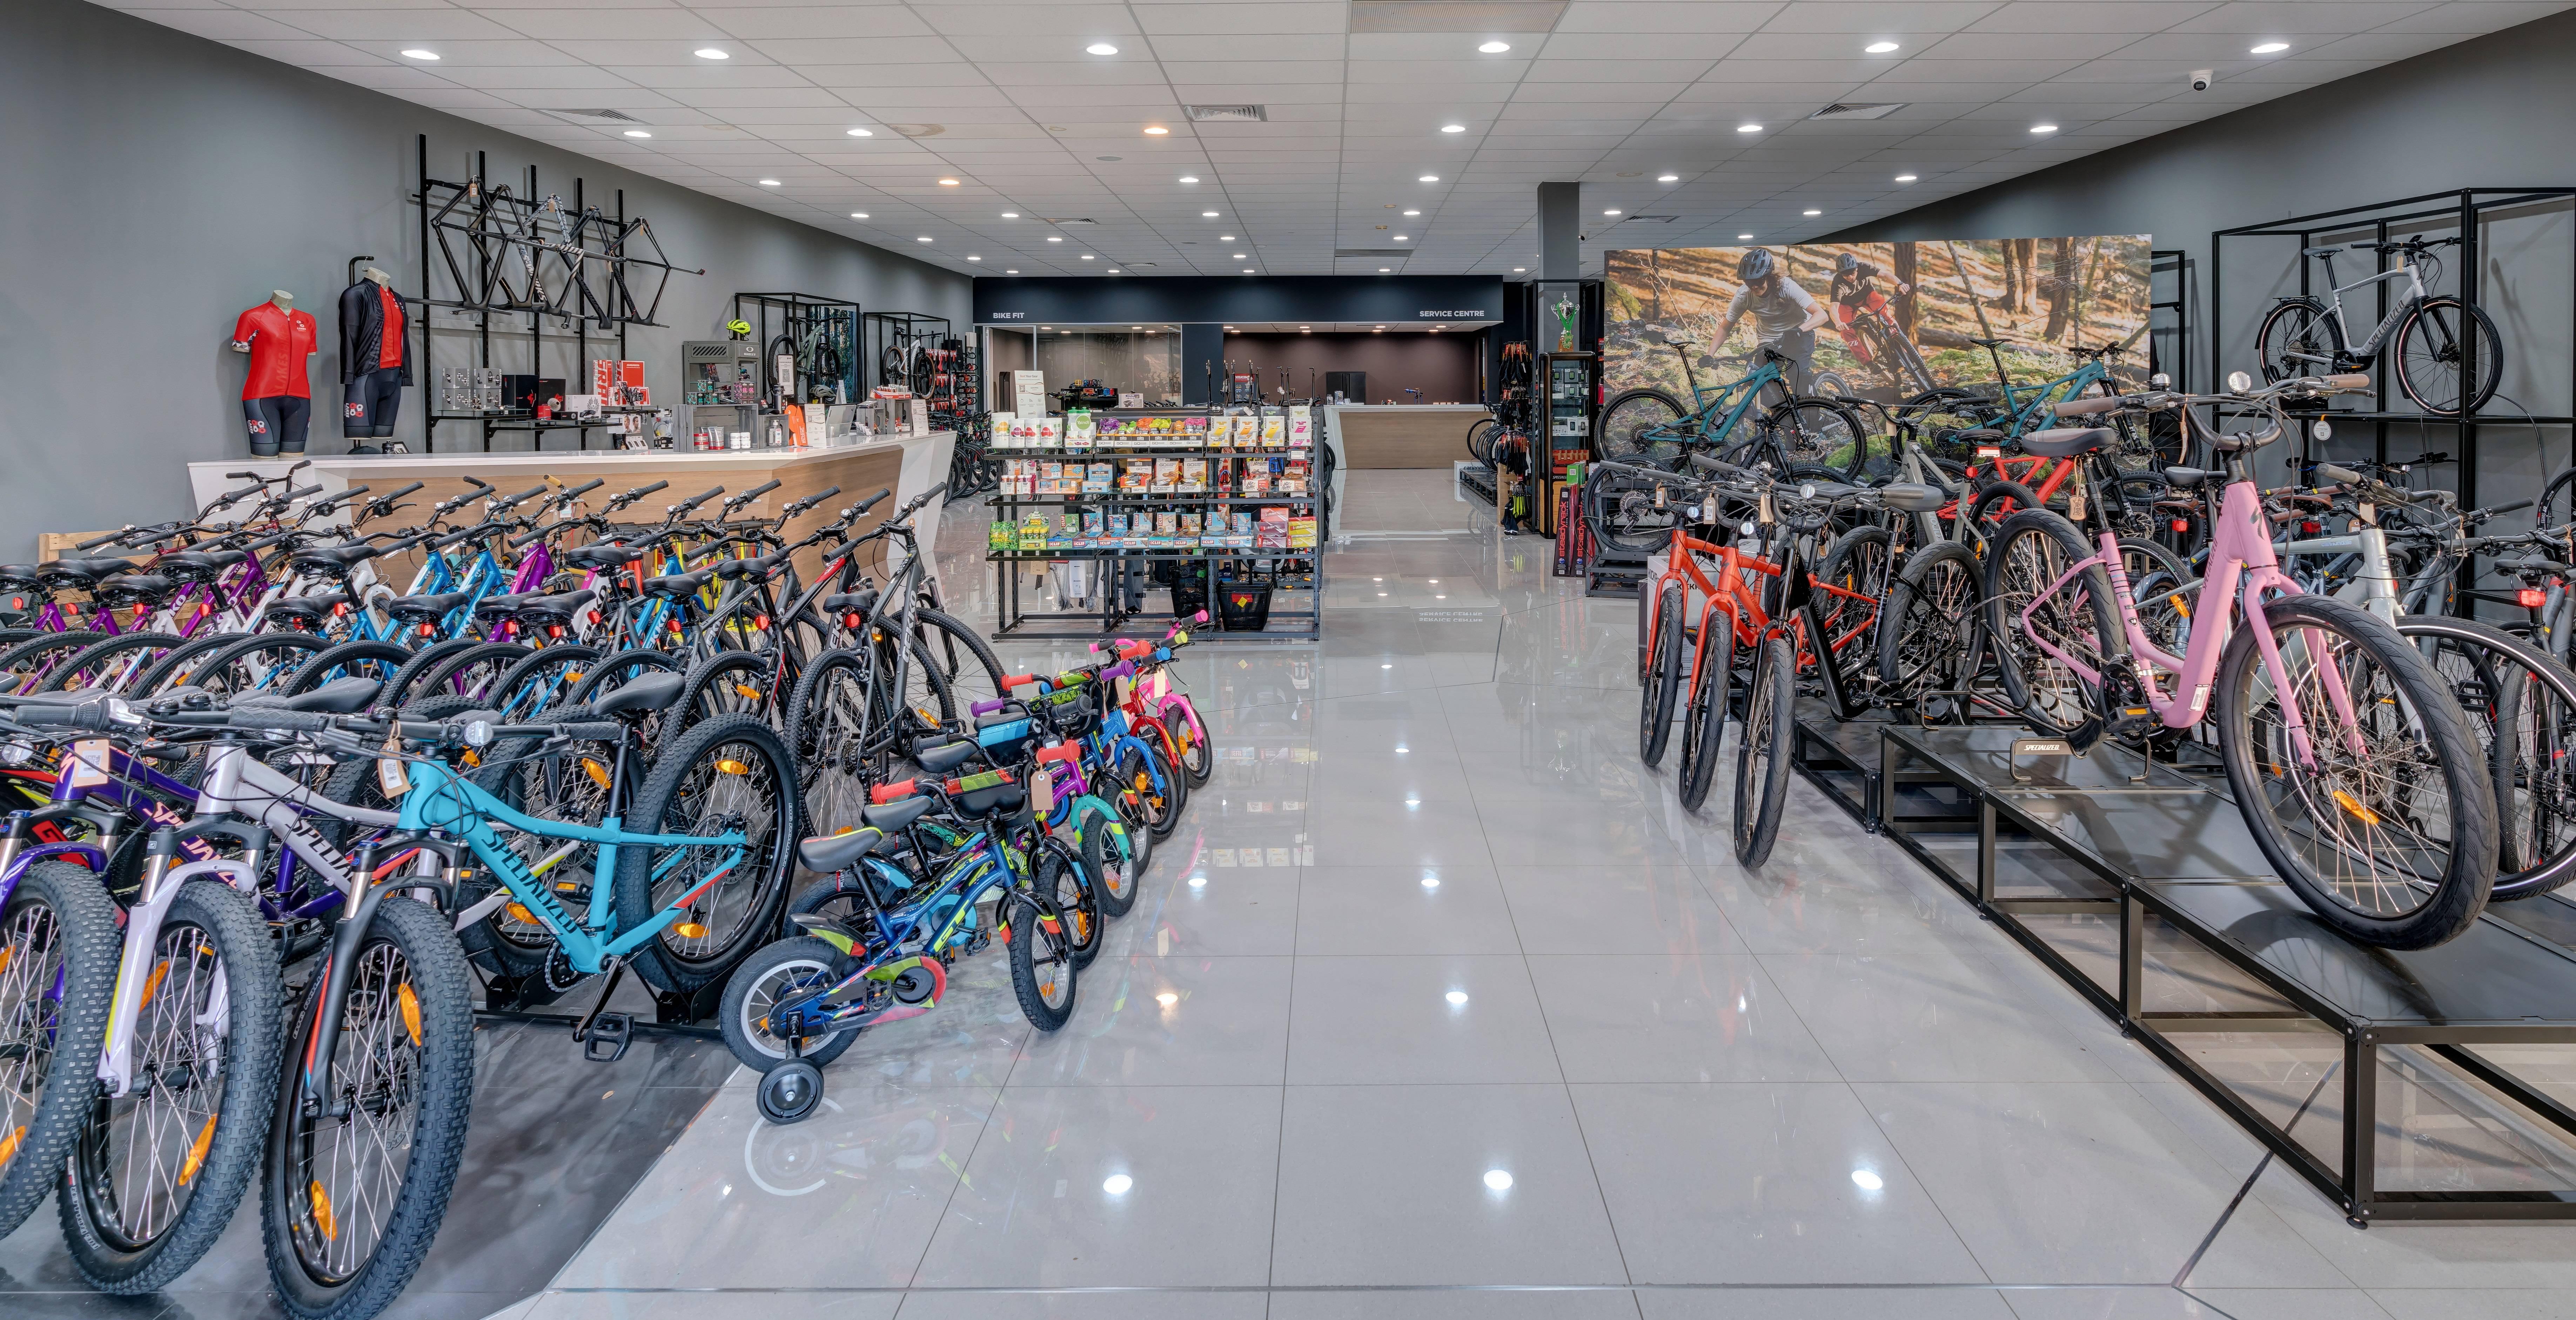 A bike for everyone